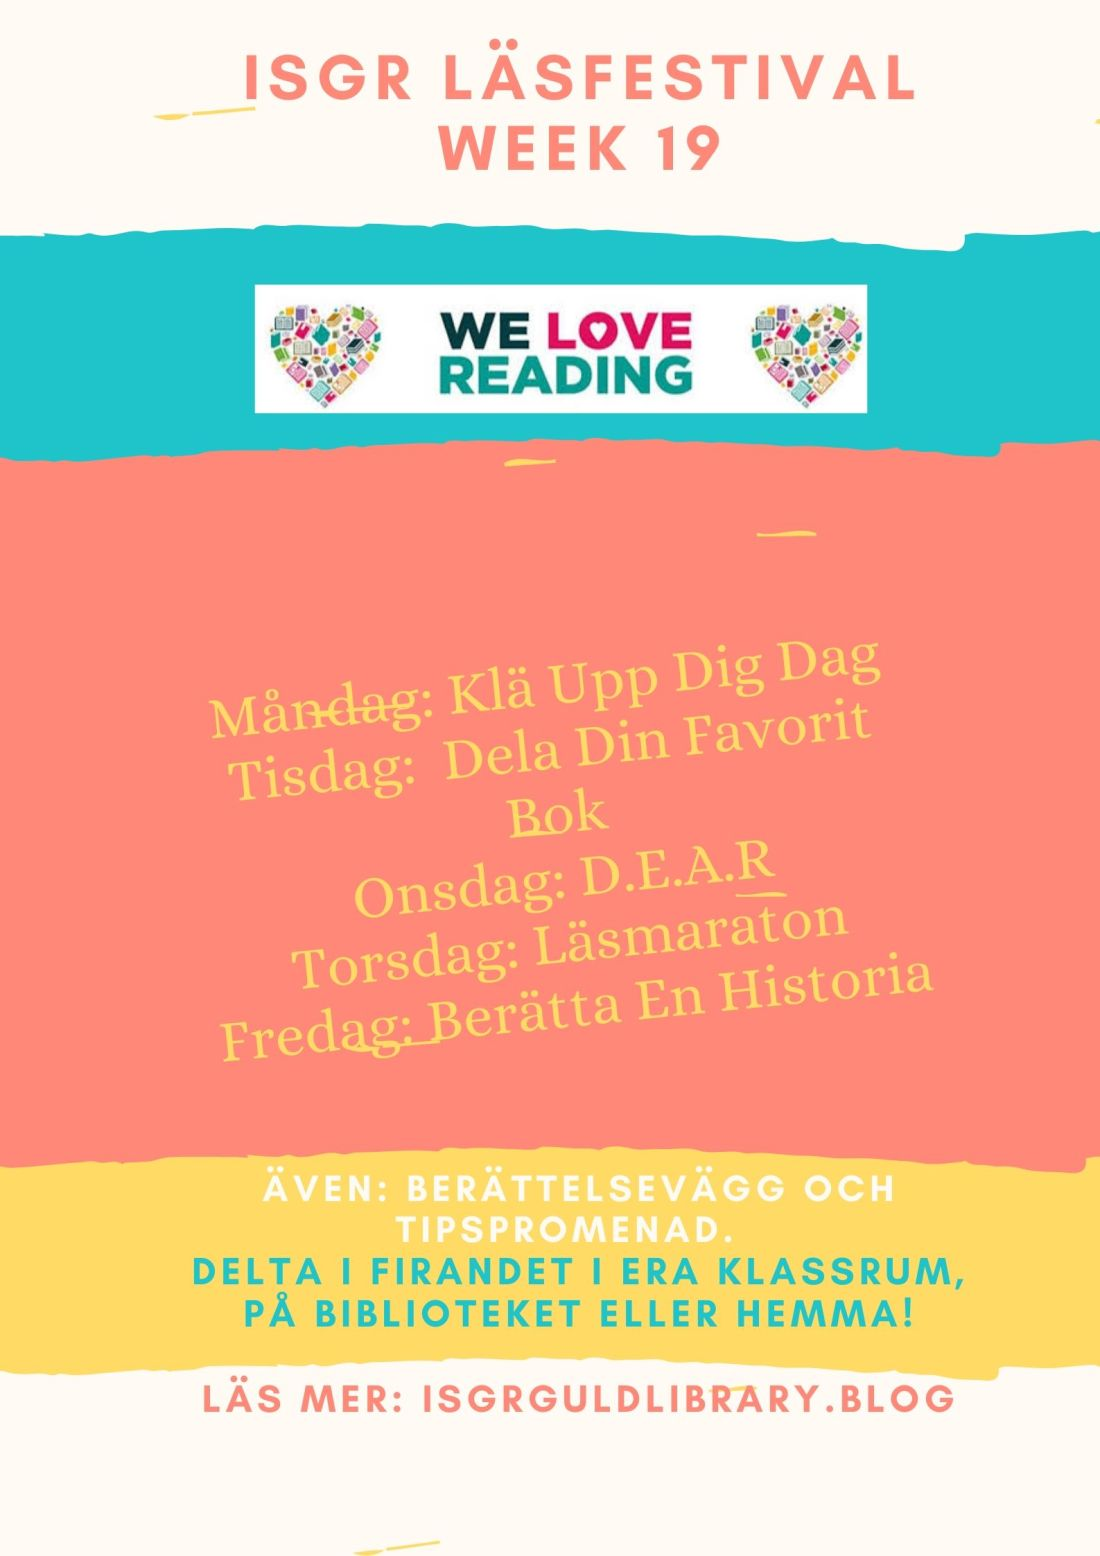 ISGR Reading Festival 2020 (2)